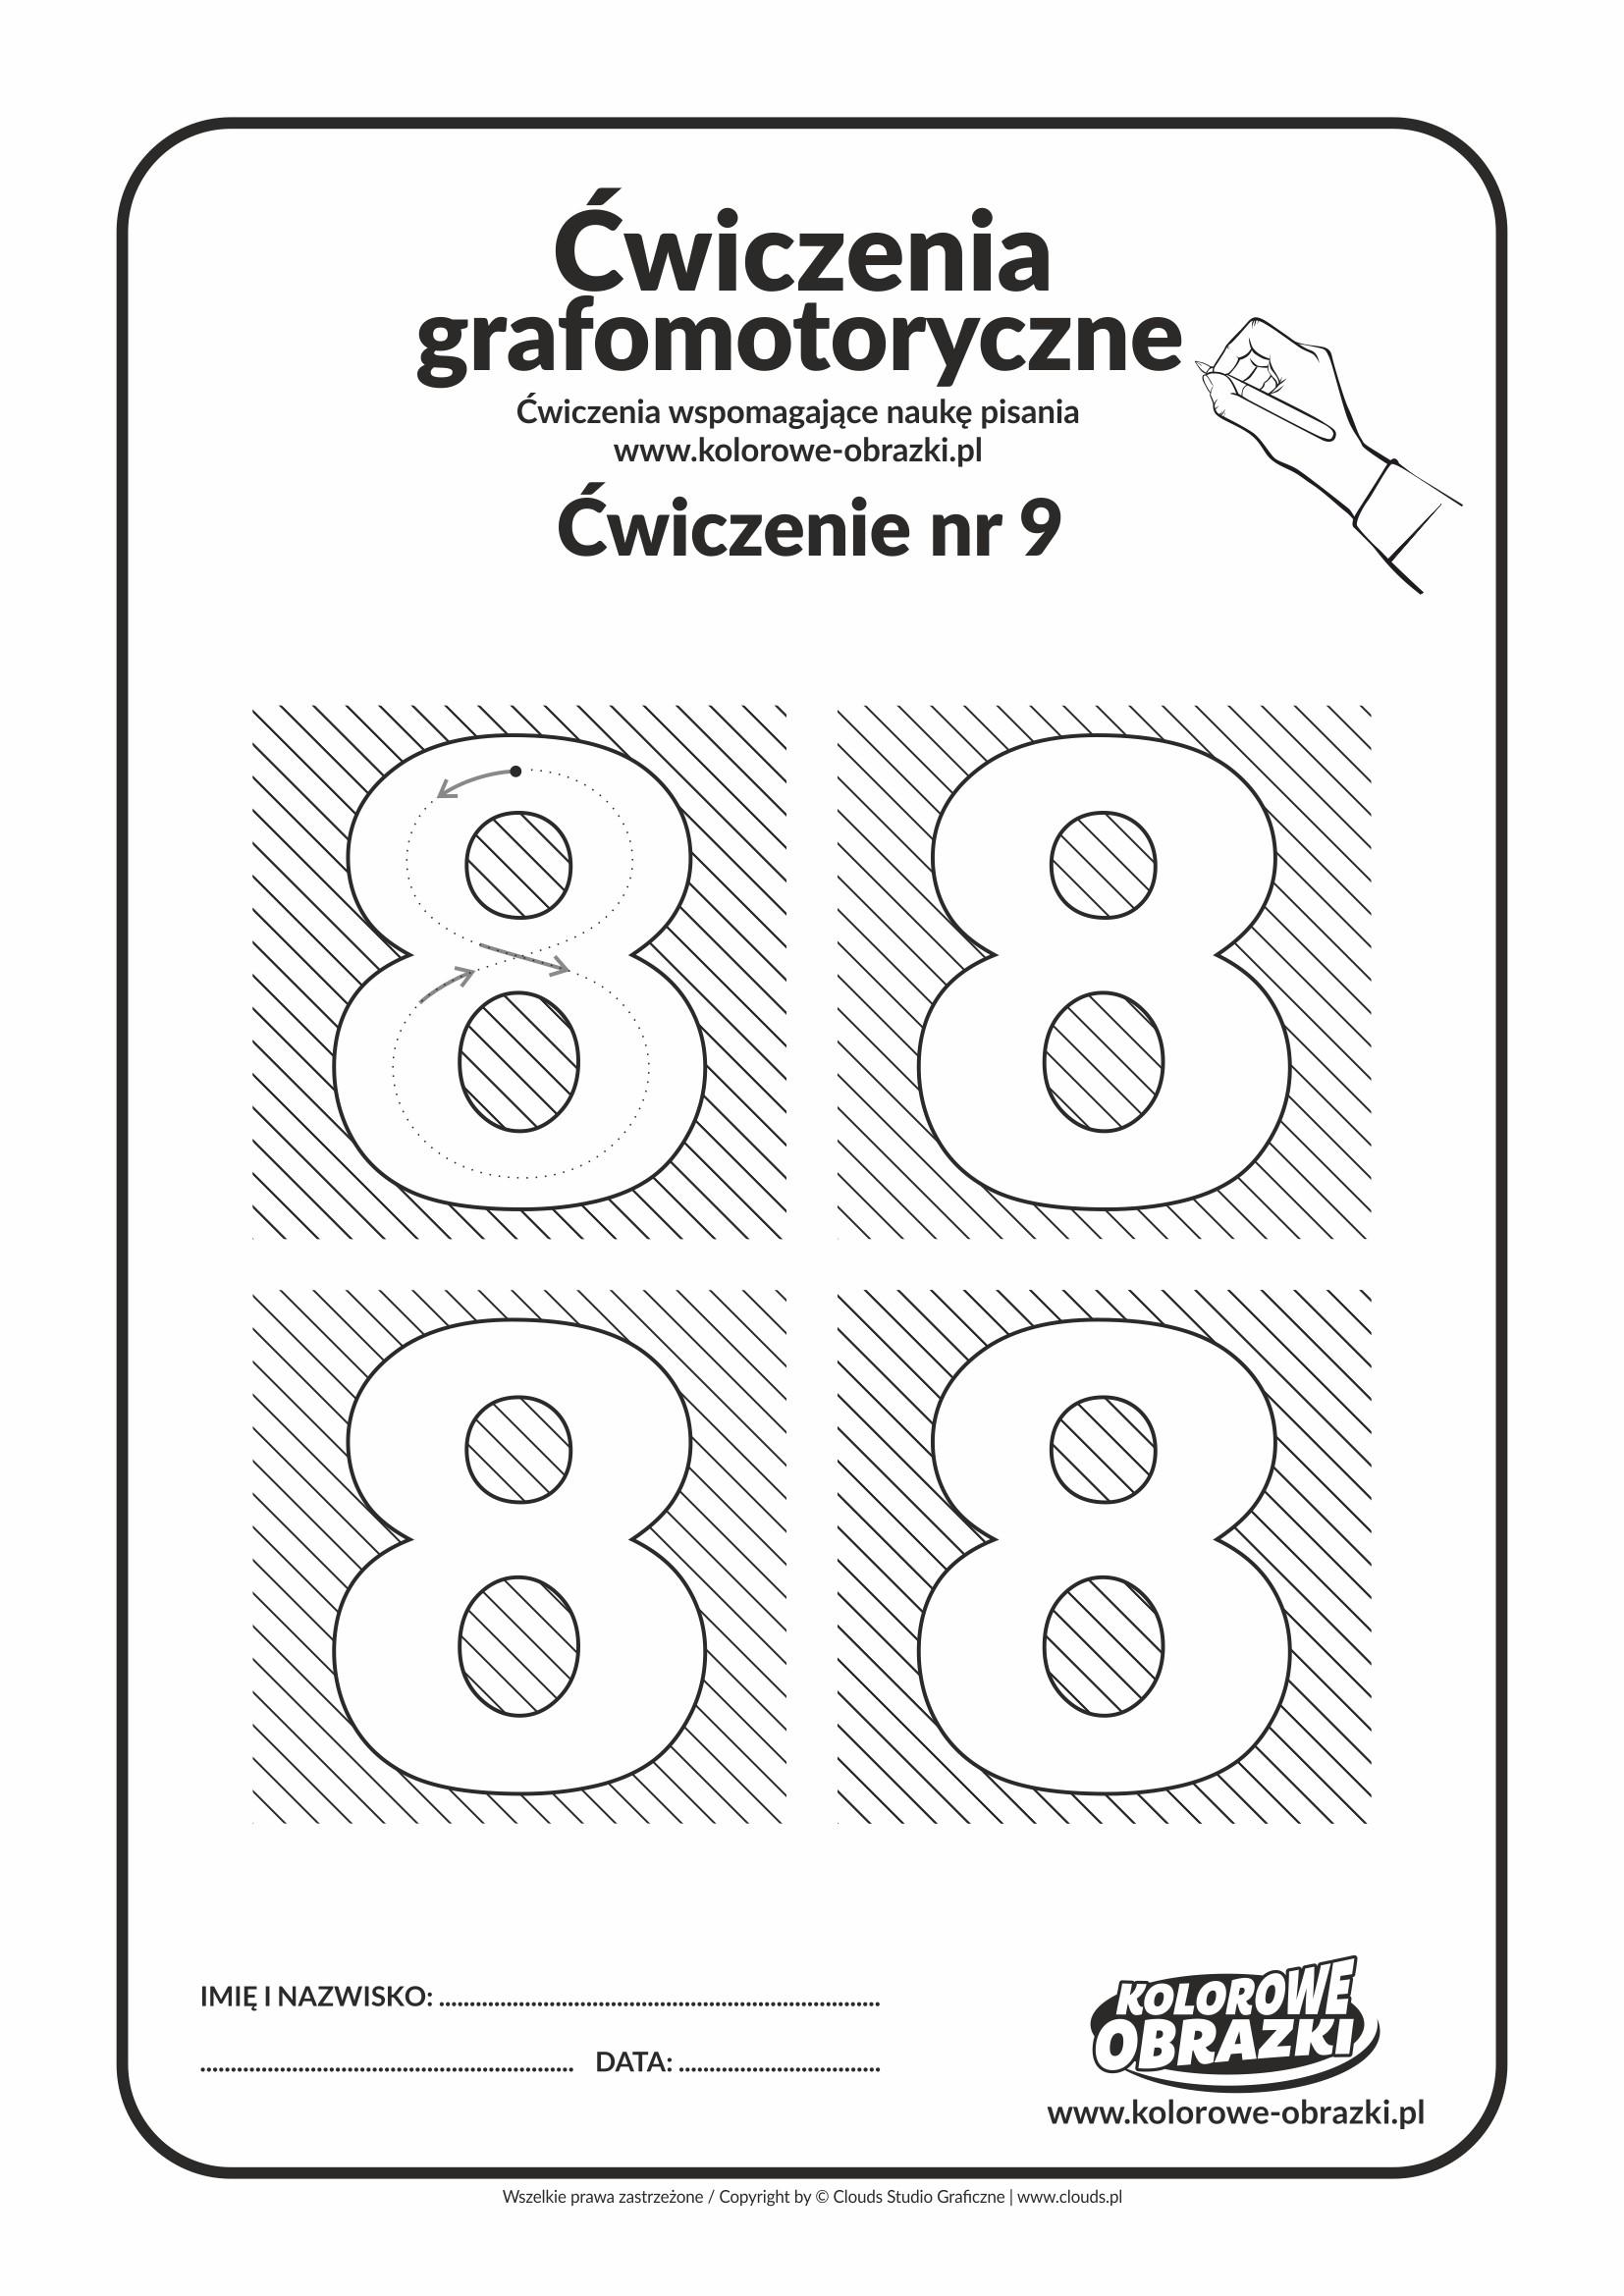 Ćwiczenia grafomotoryczne dla dzieci - Cyfra 8